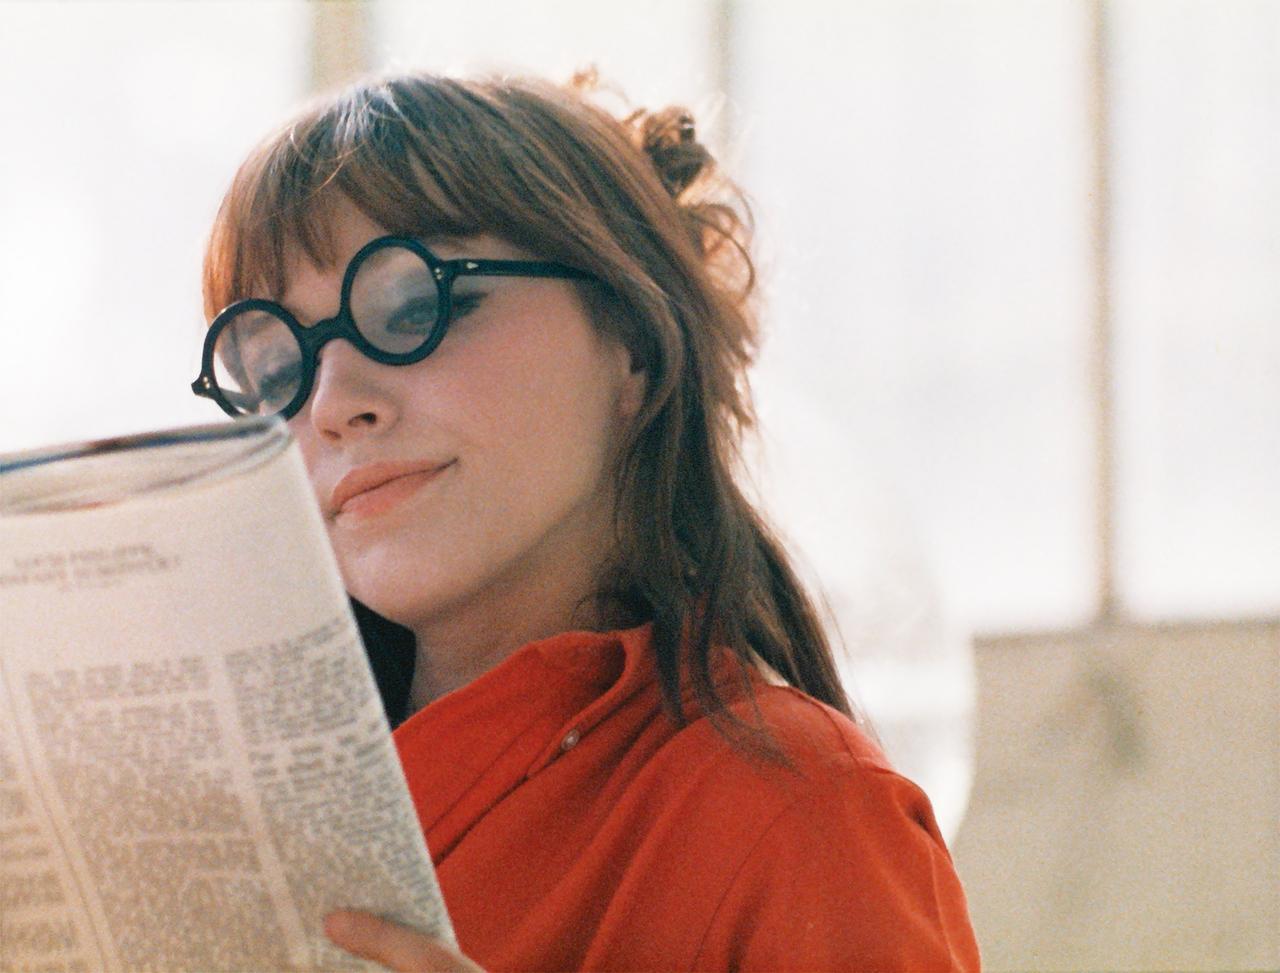 画像: 予告❗️伝説の女優アンナ・カリーナの幻の主演作『アンナ』!デジタルリマスターで21年ぶりの公開決定!セルジュ・ゲンズブールの若かりし姿もー